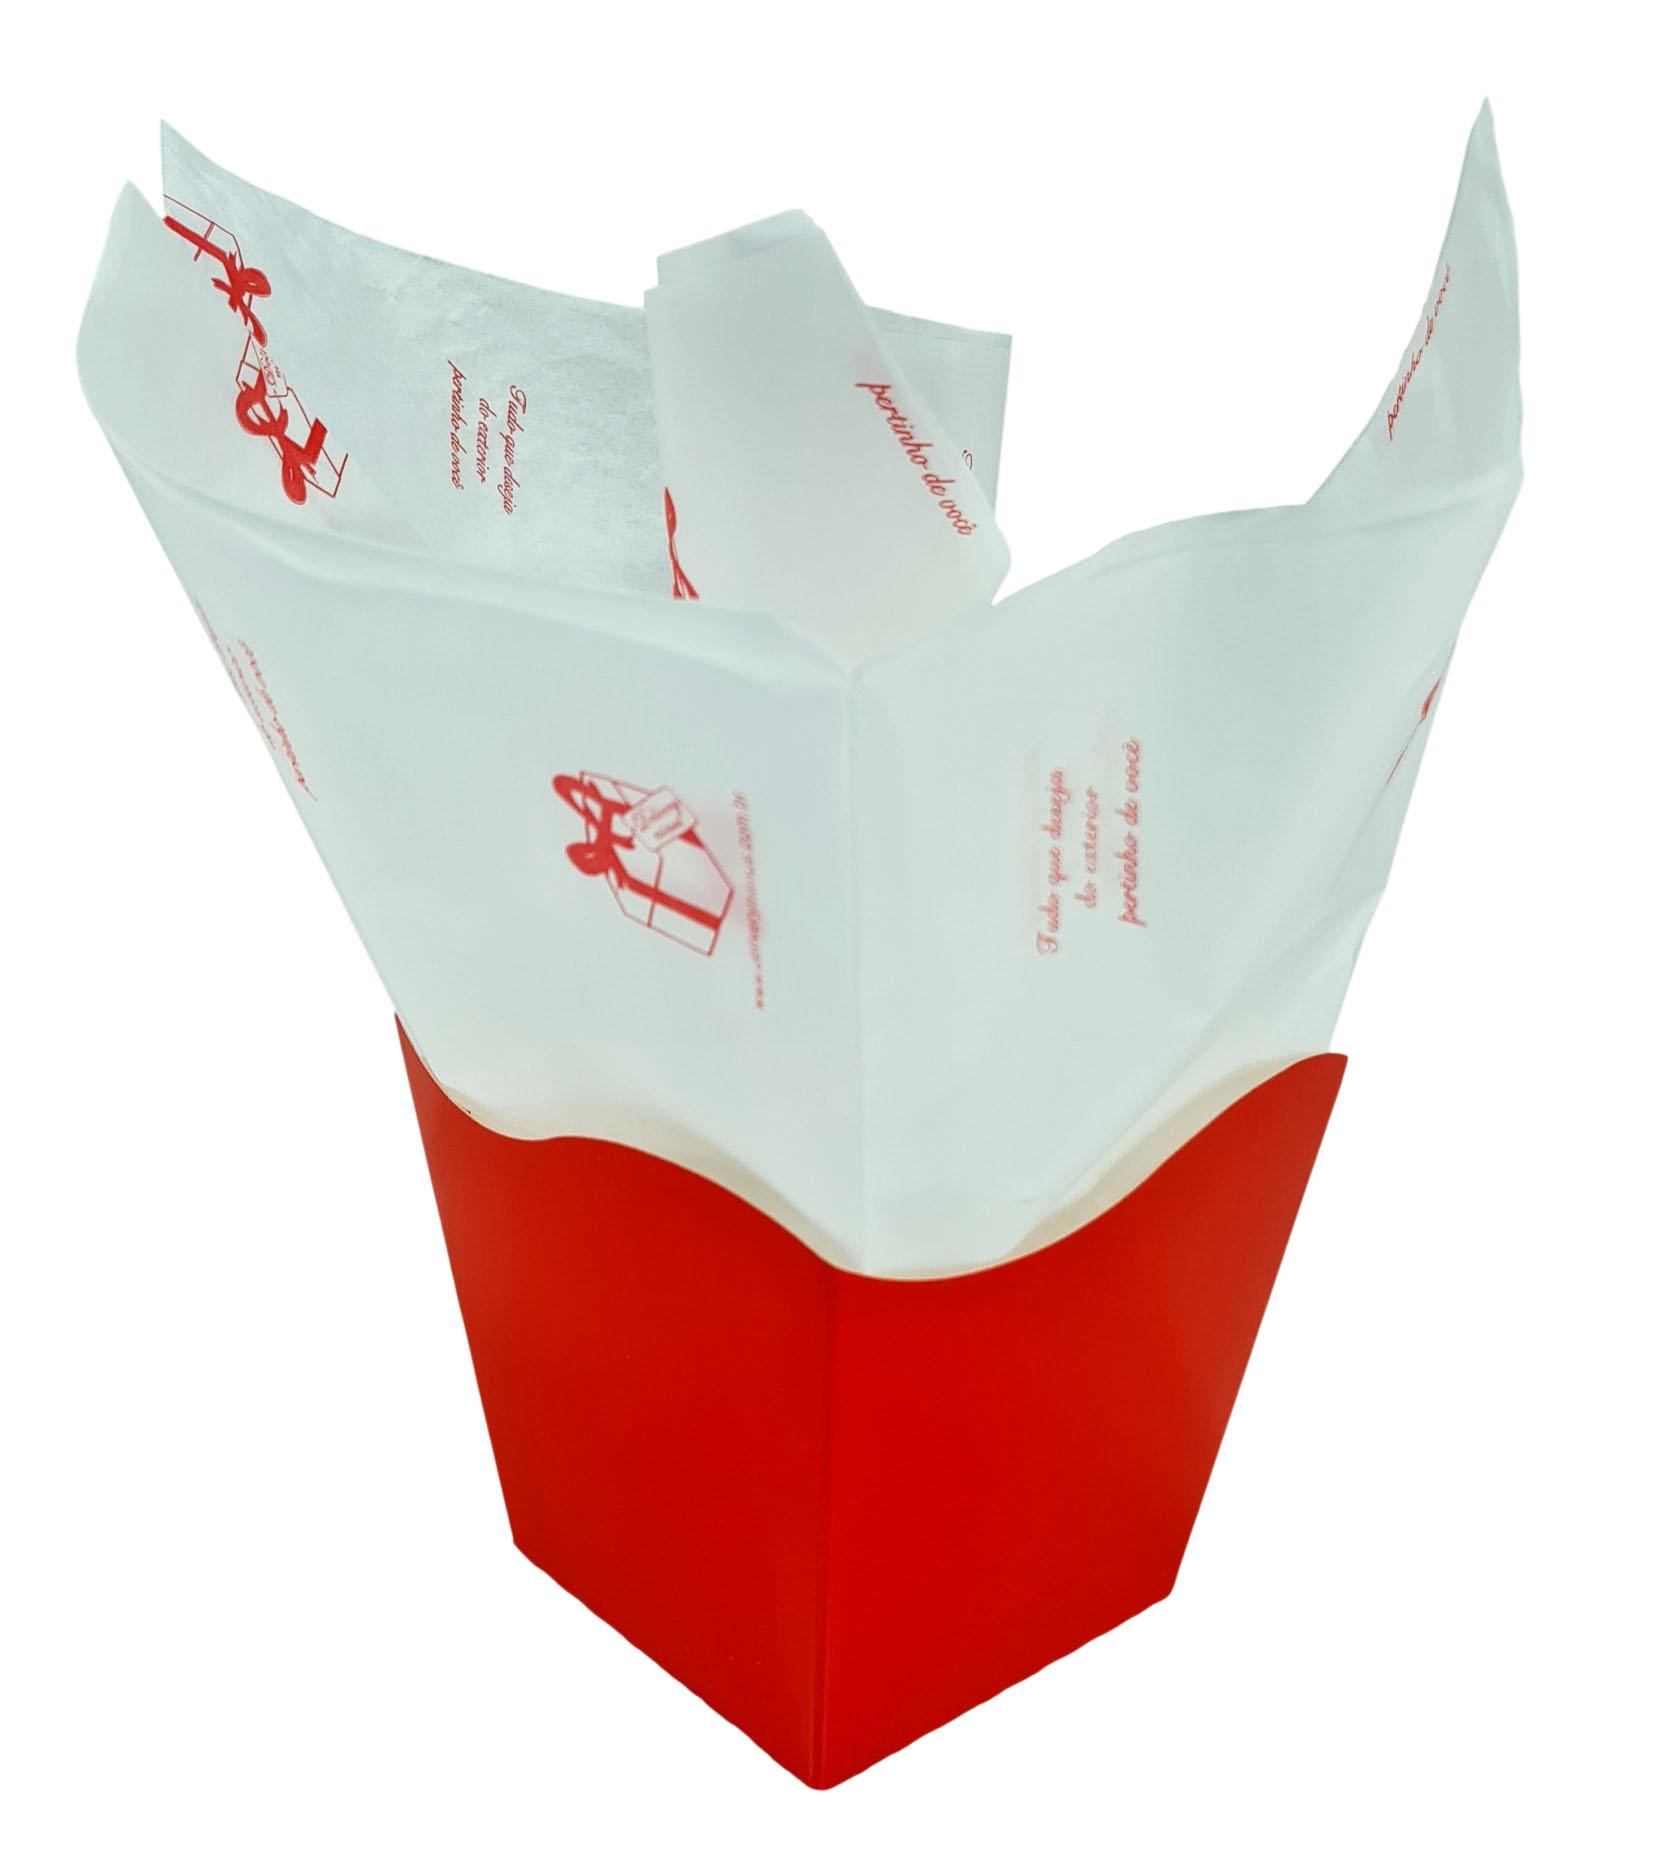 Papel de Seda Personalizado 20g/m - Tamanho 50 x 70 - Linha paper 2054  - Litex Embalagens